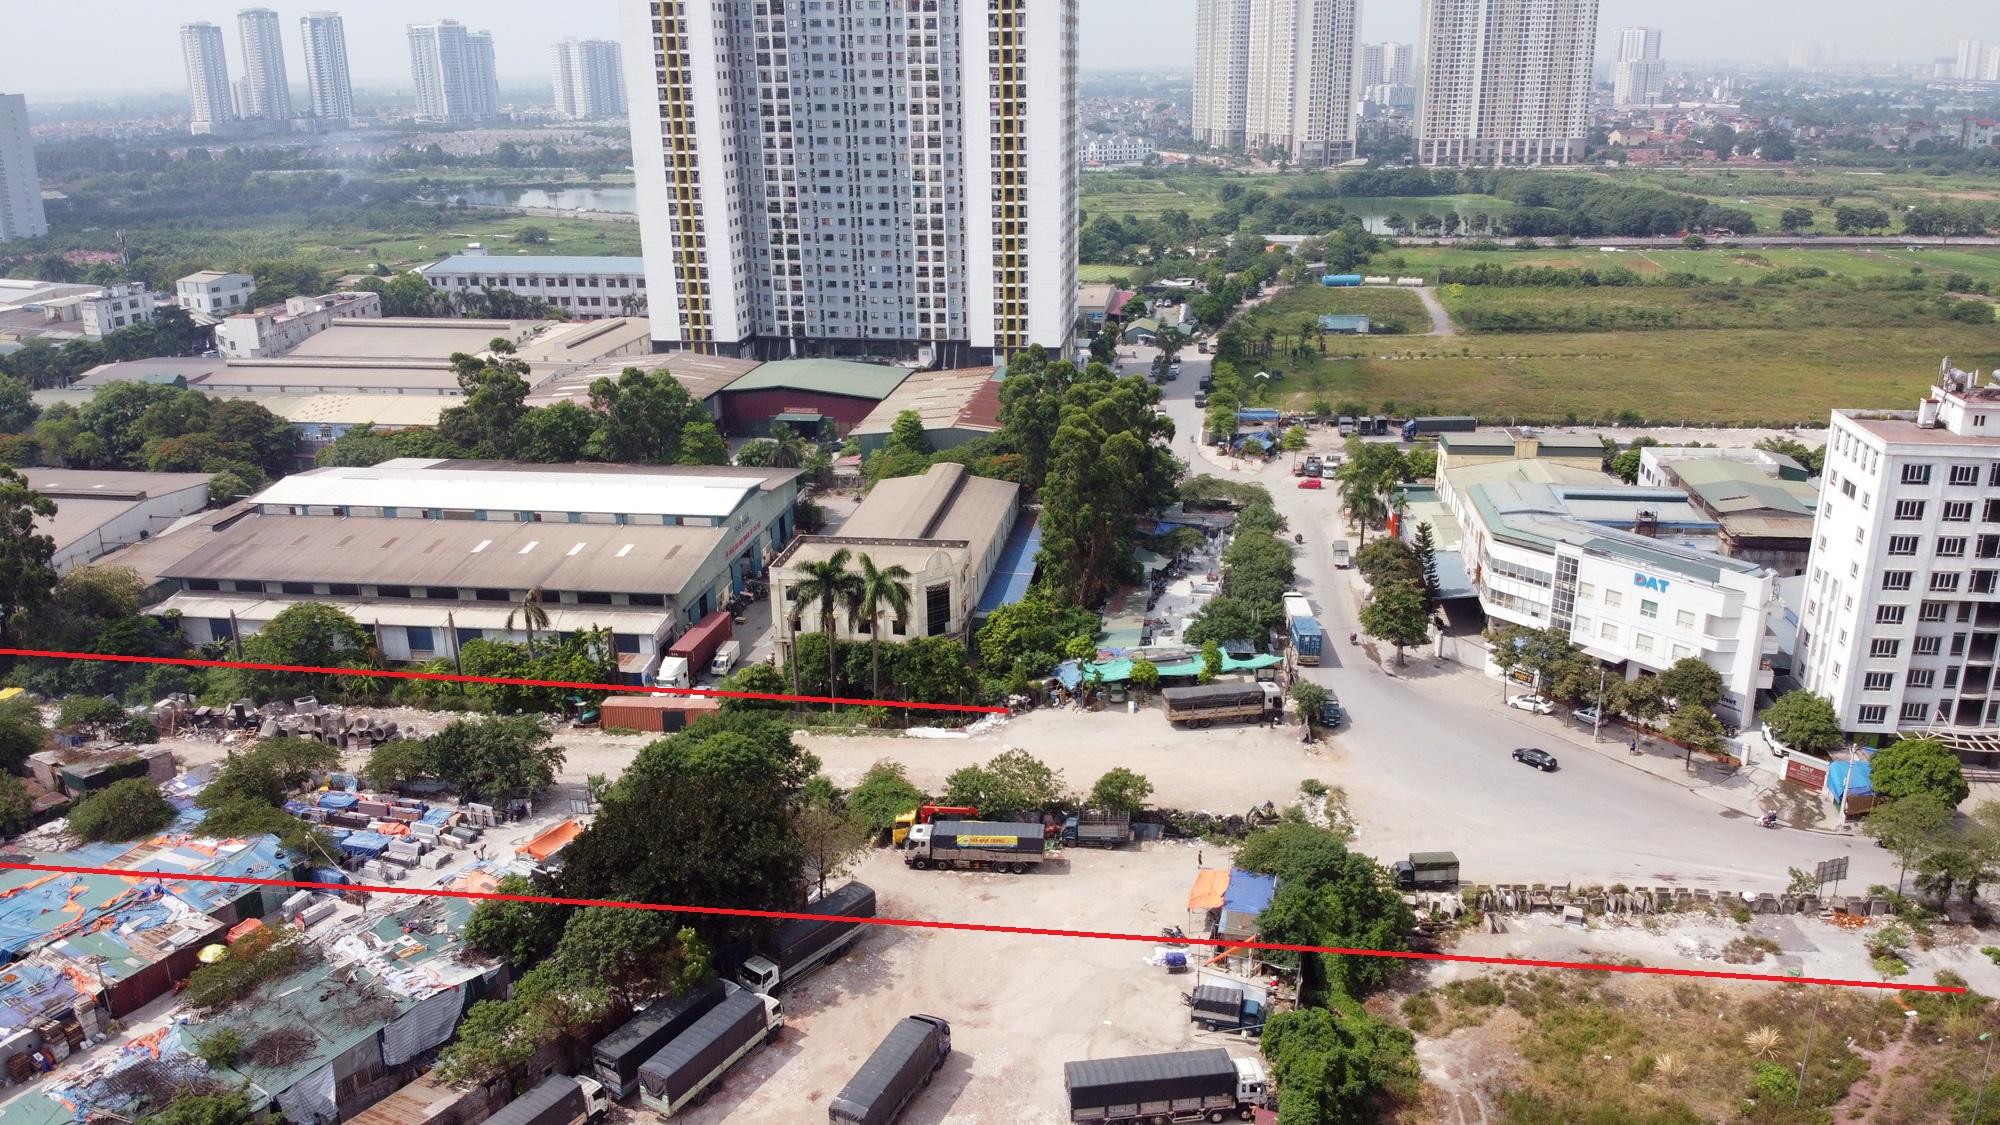 đường sẽ mở theo qui hoạch ở phường Hoàng Văn Thụ, Hoàng Mai, Hà Nội - Ảnh 4.